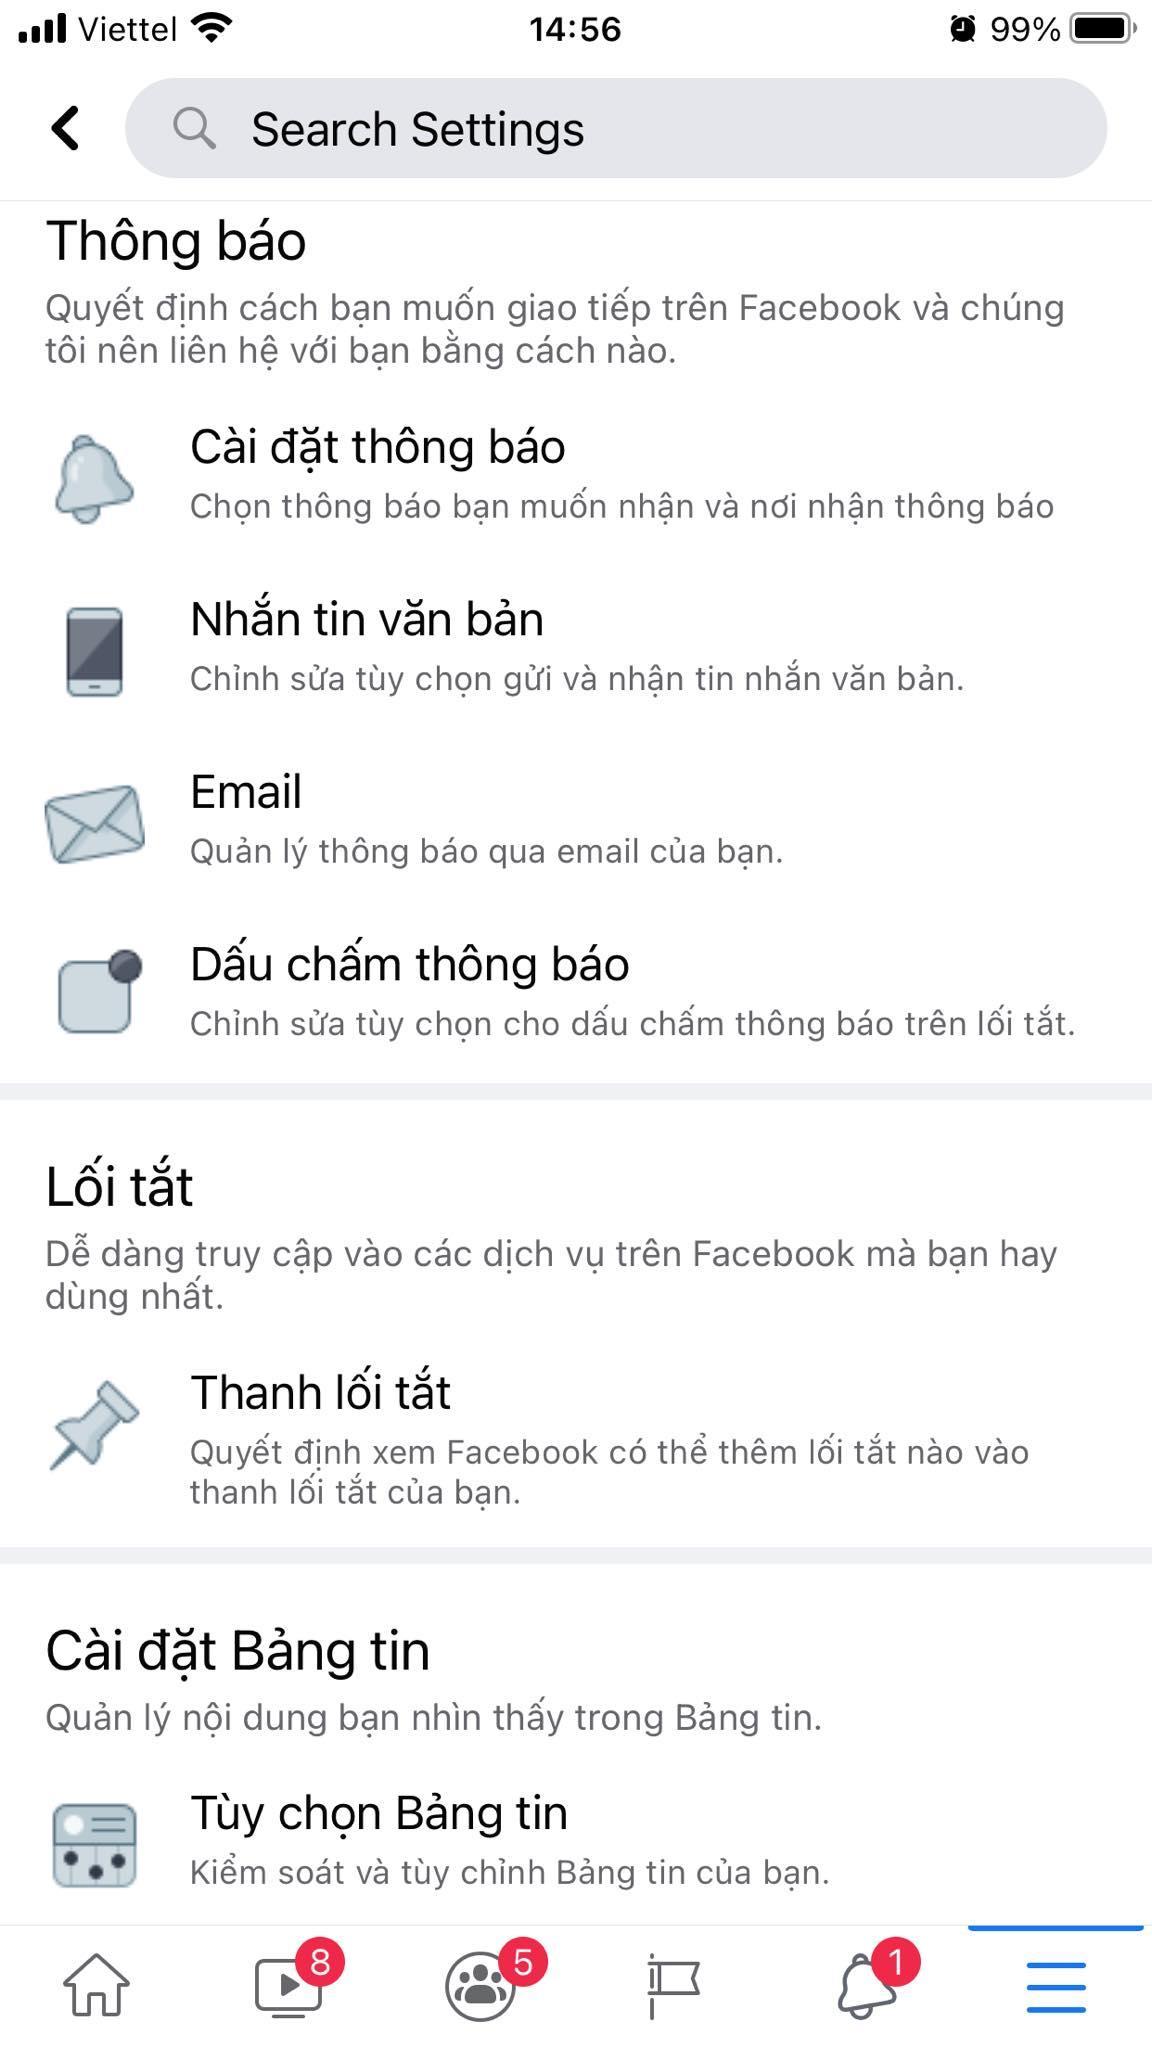 Cách tắt thông báo Facebook trên điện thoại đơn giản, dễ dàng Ảnh 4